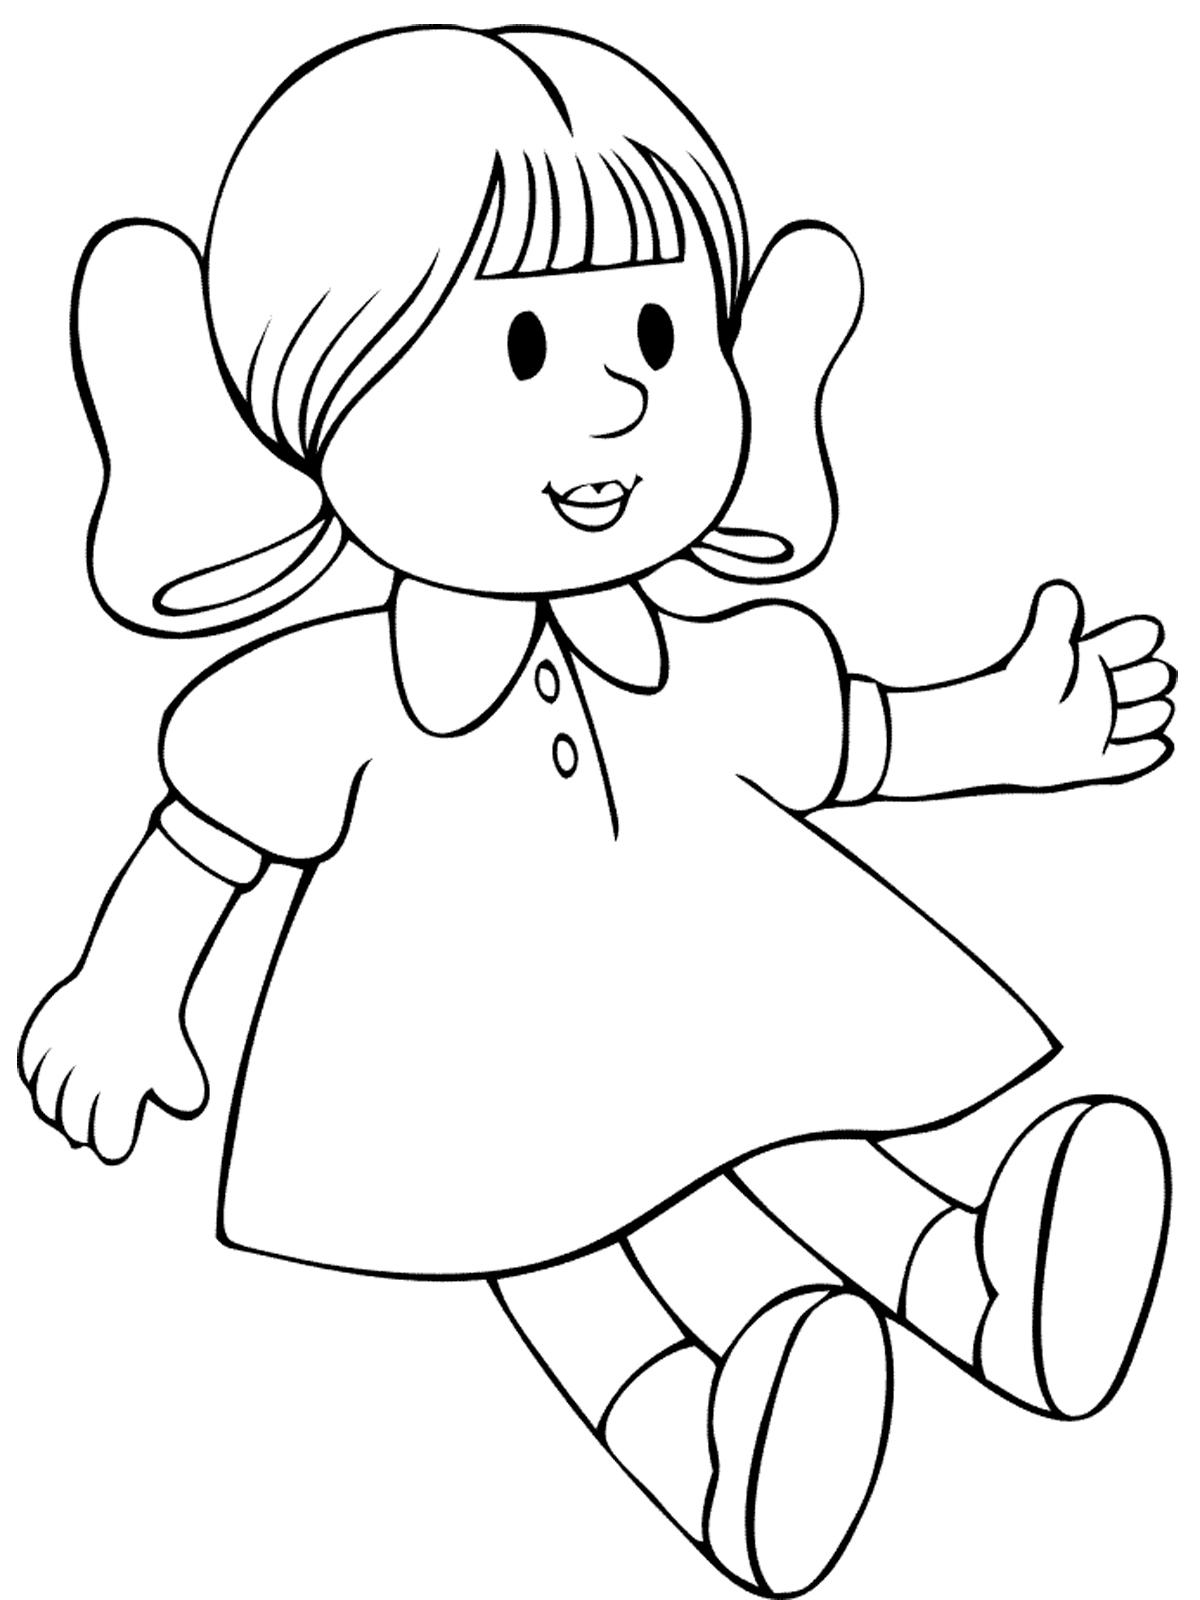 Картинка куклы раскраски